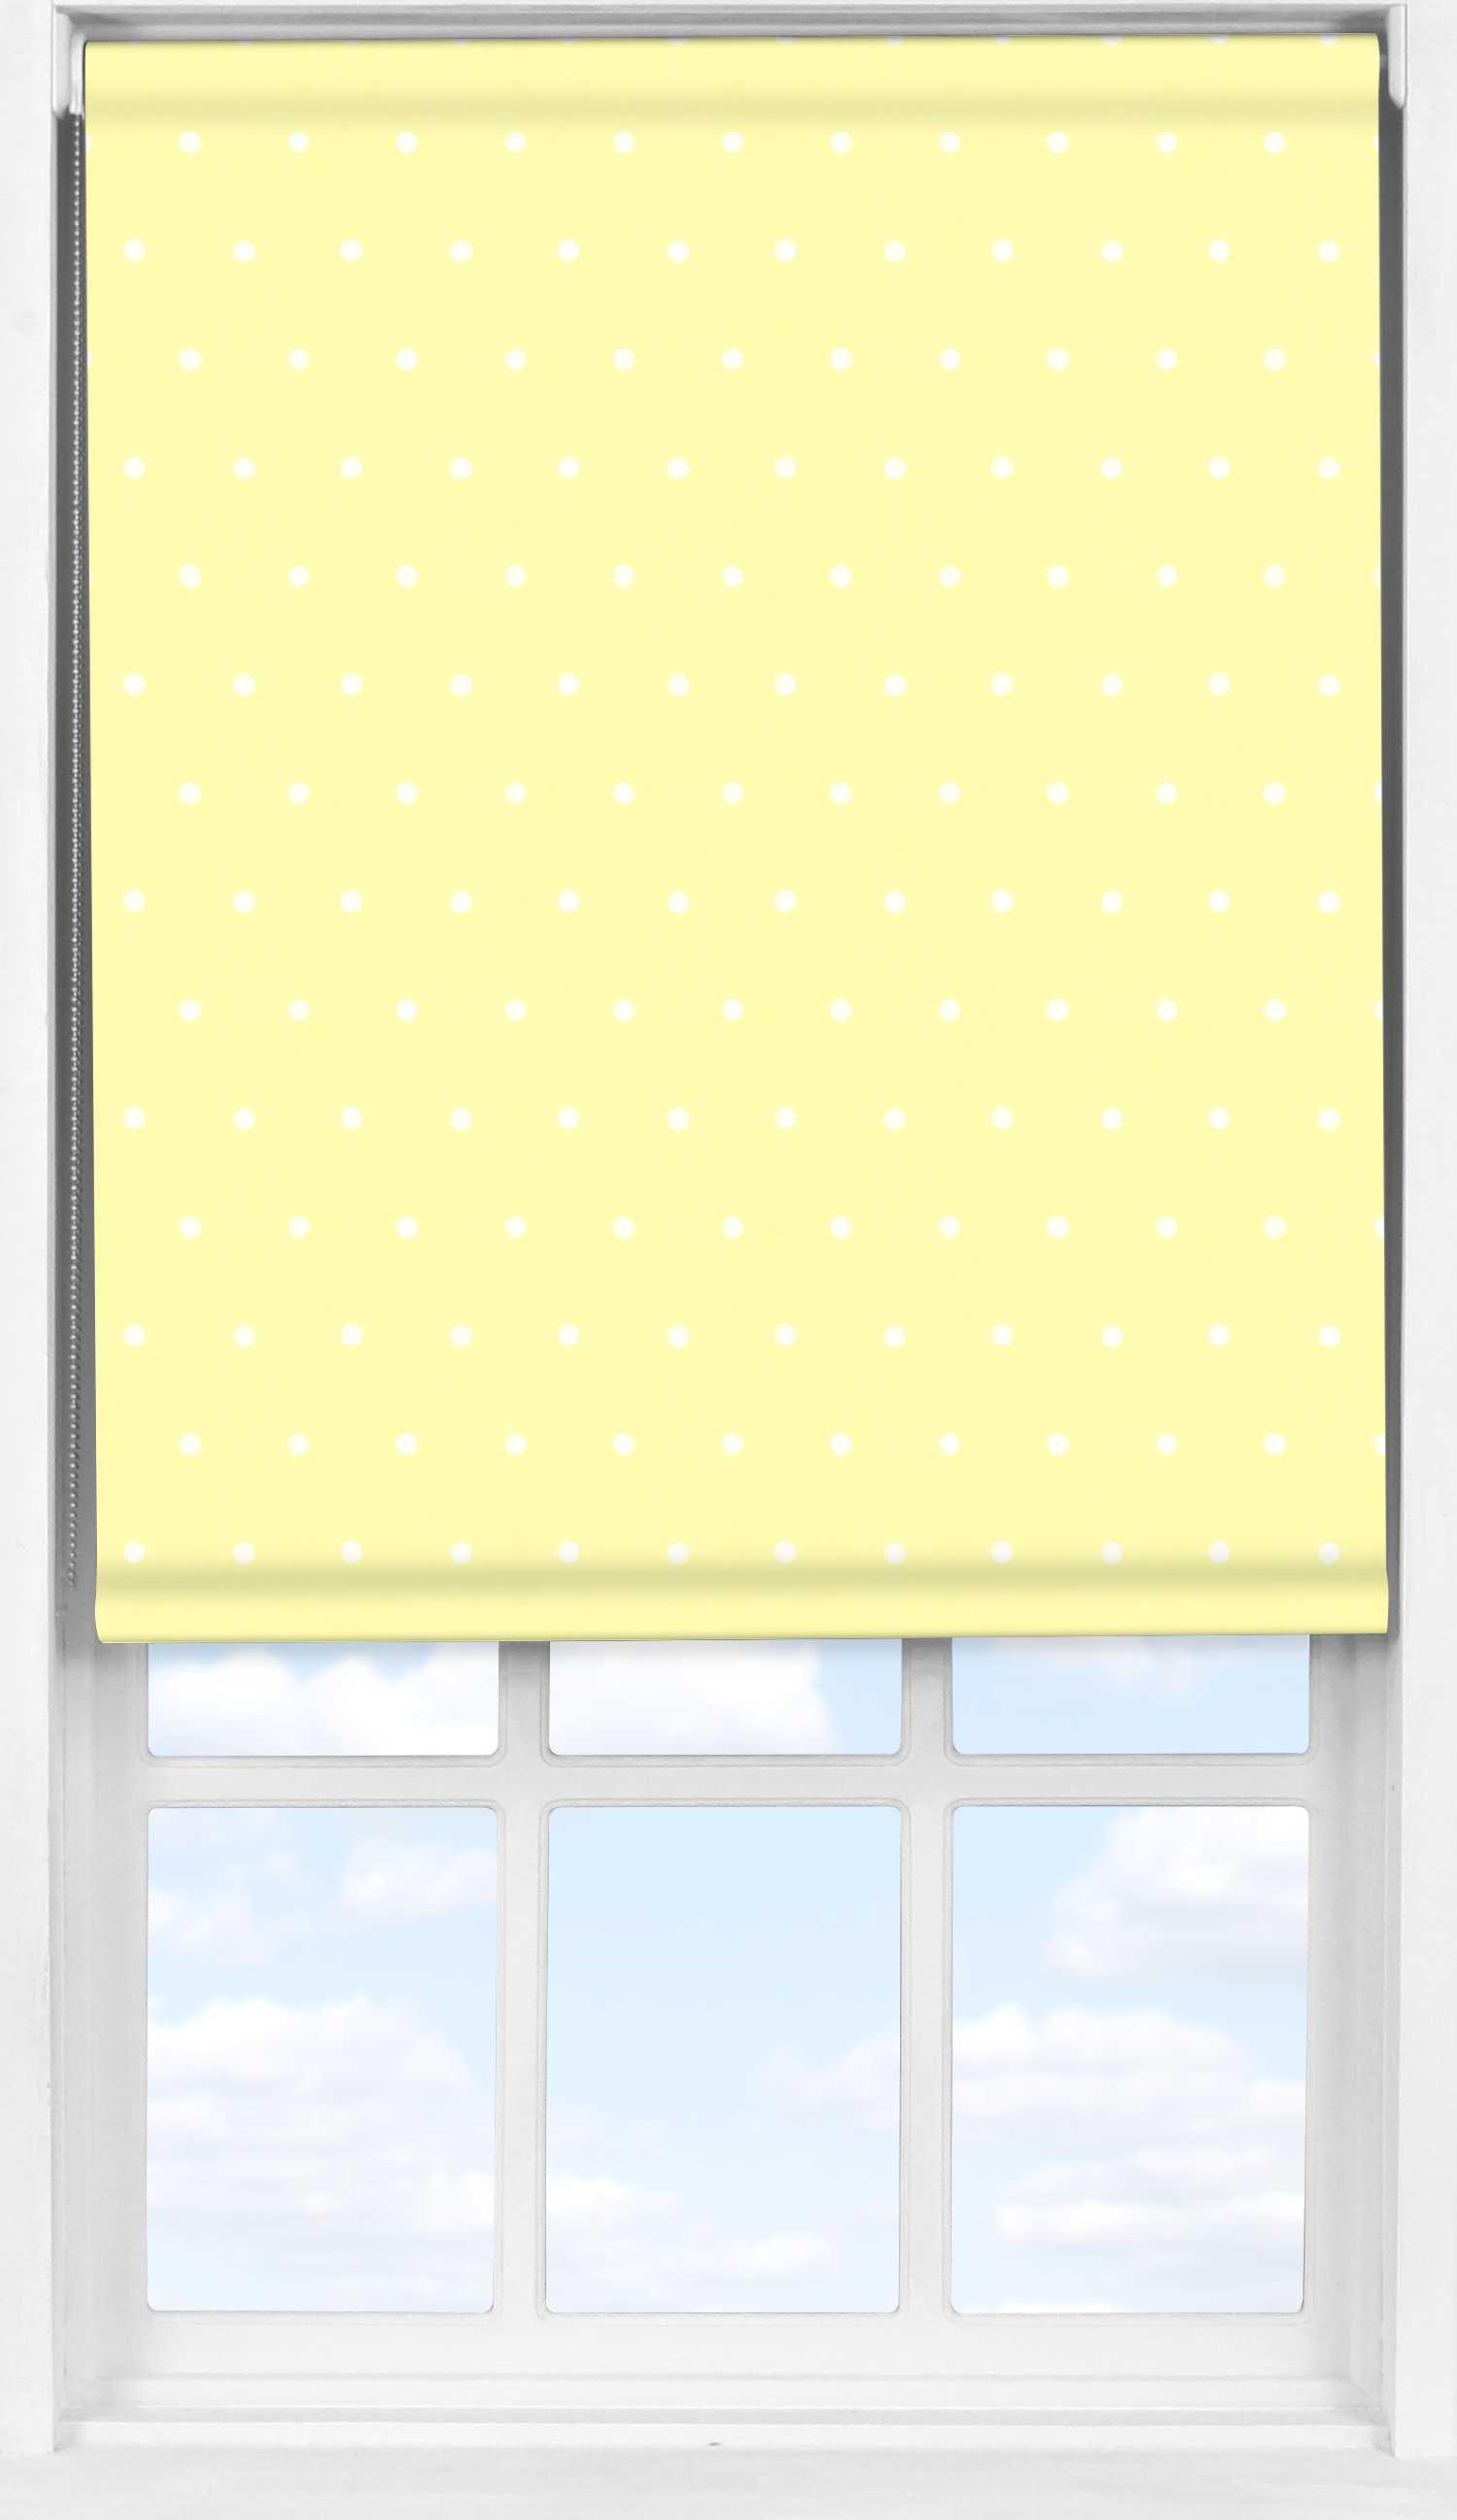 Easifit Roller Blind in Lemon Polka Dot Blackout